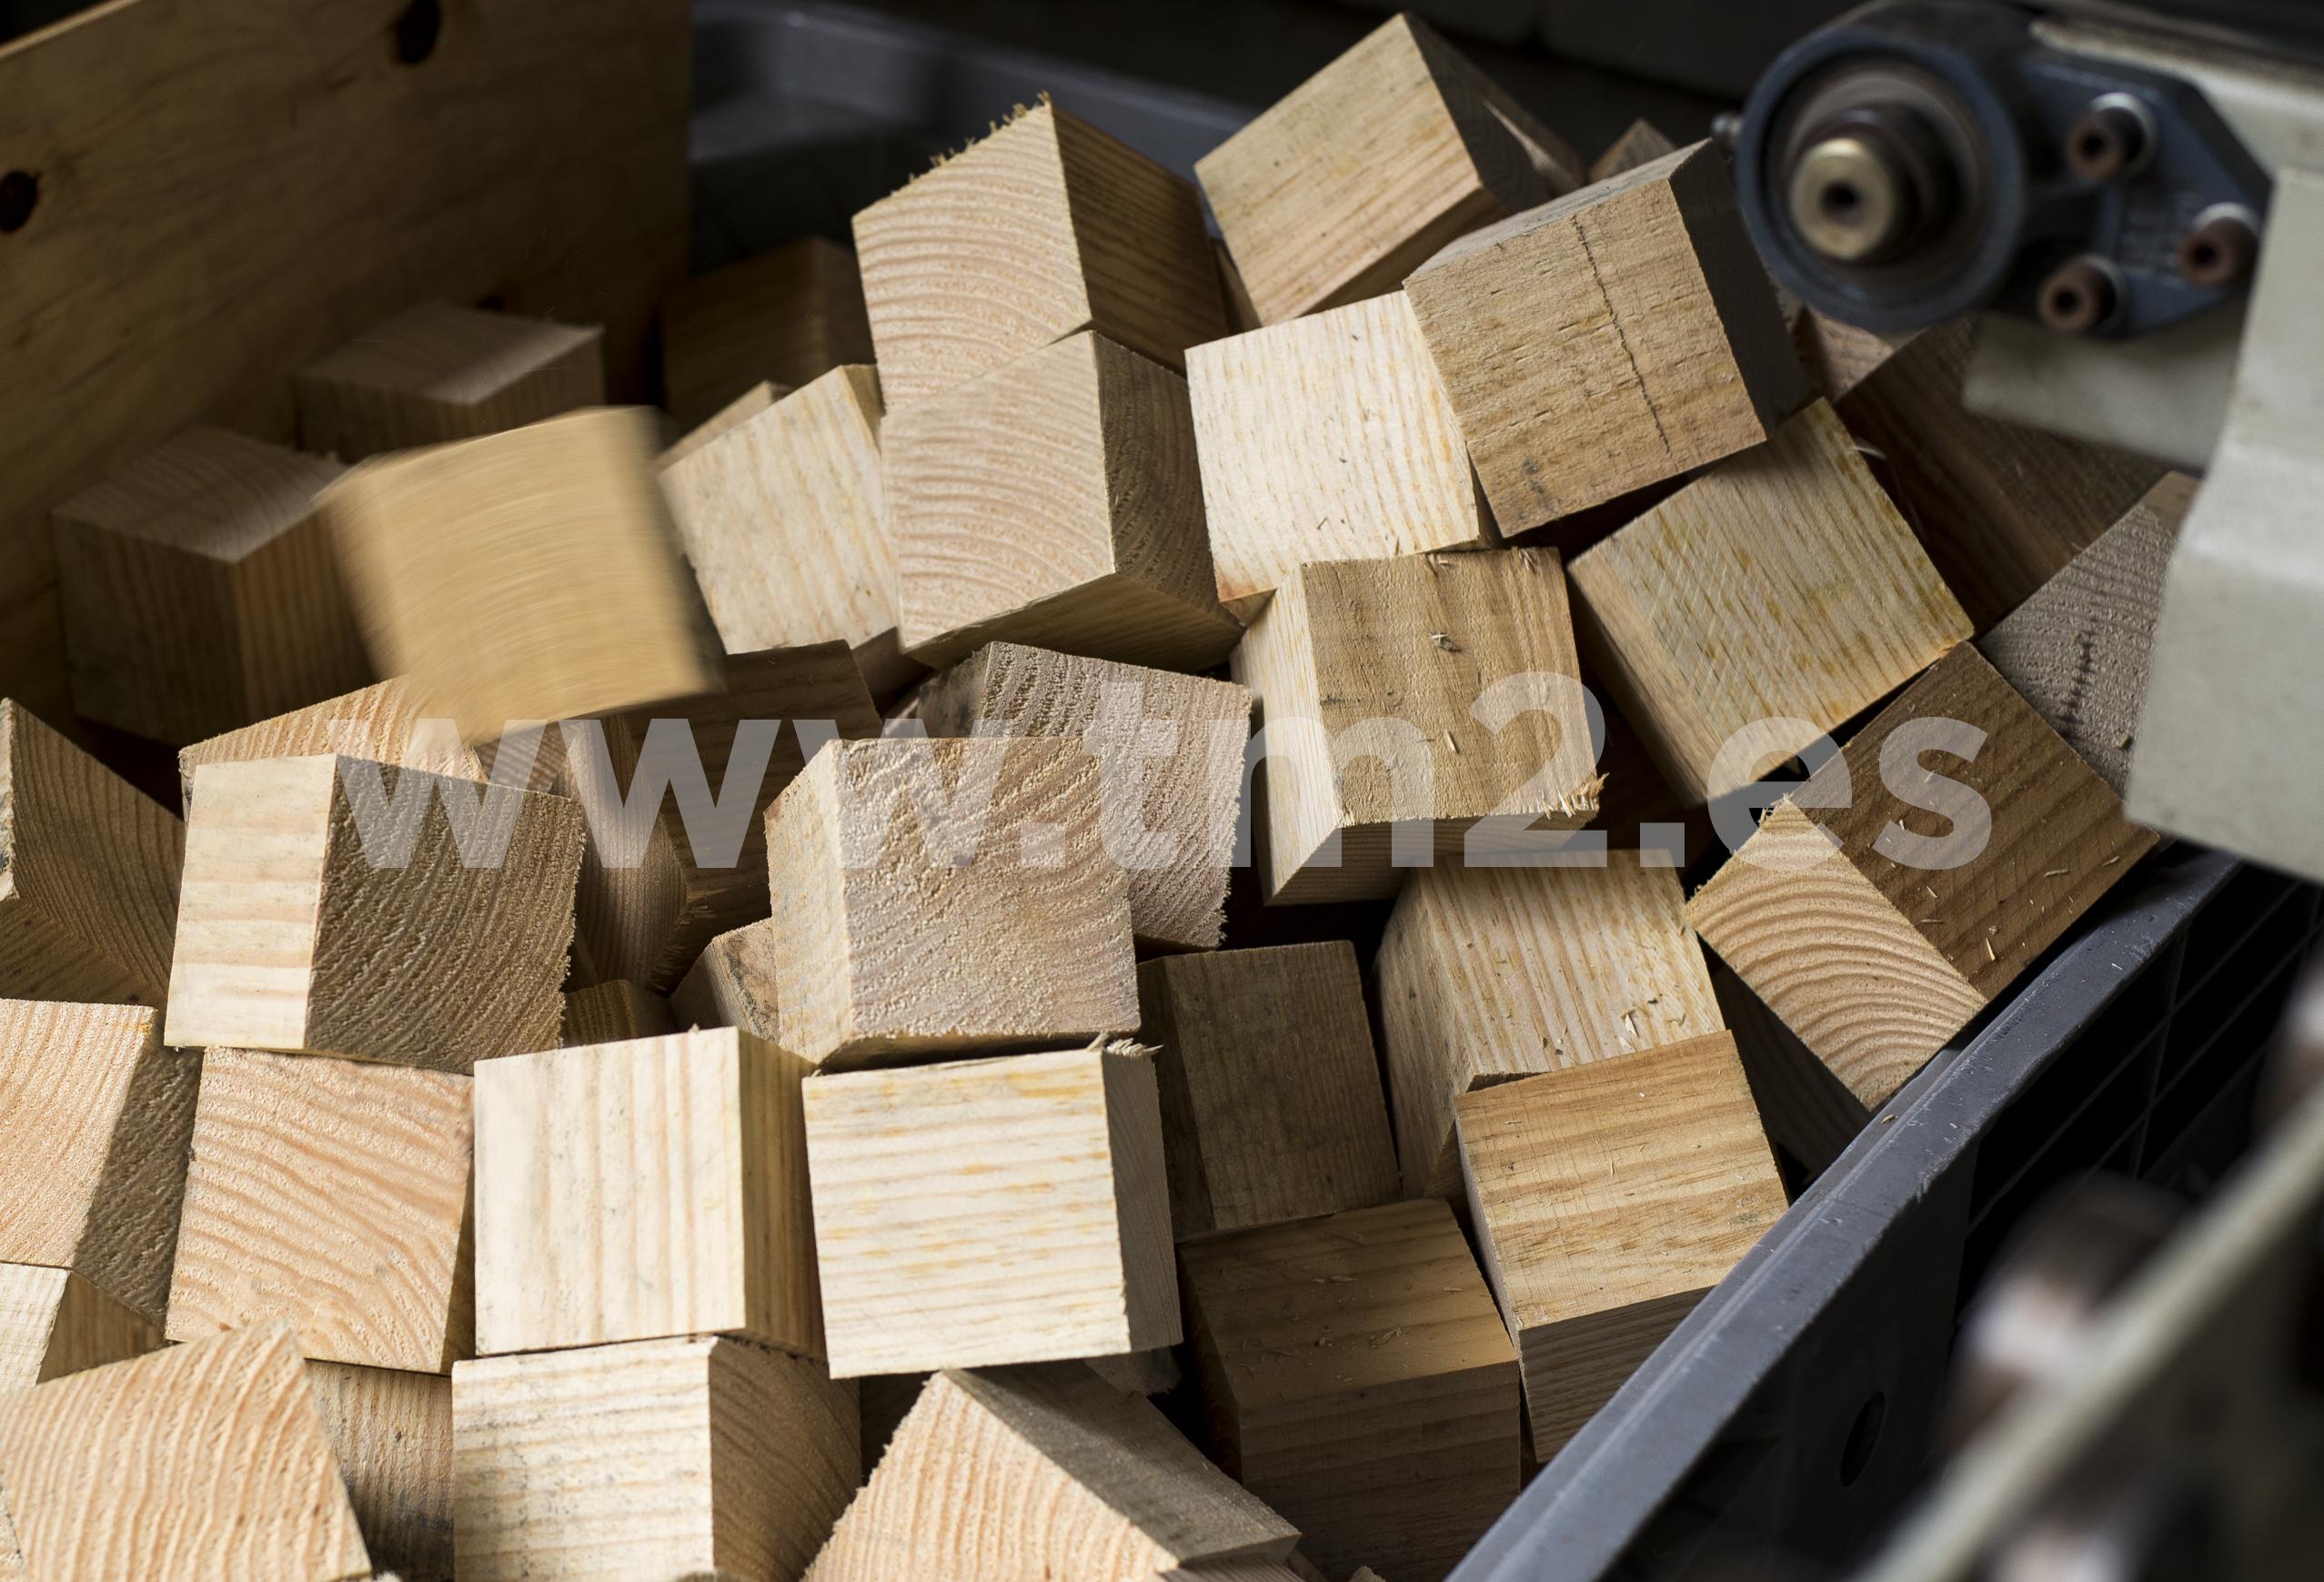 las cajas de madera son utilizadas para envos martimos terrestres o areos de manera que se garantice la proteccin de la mercanca hasta su llegada a